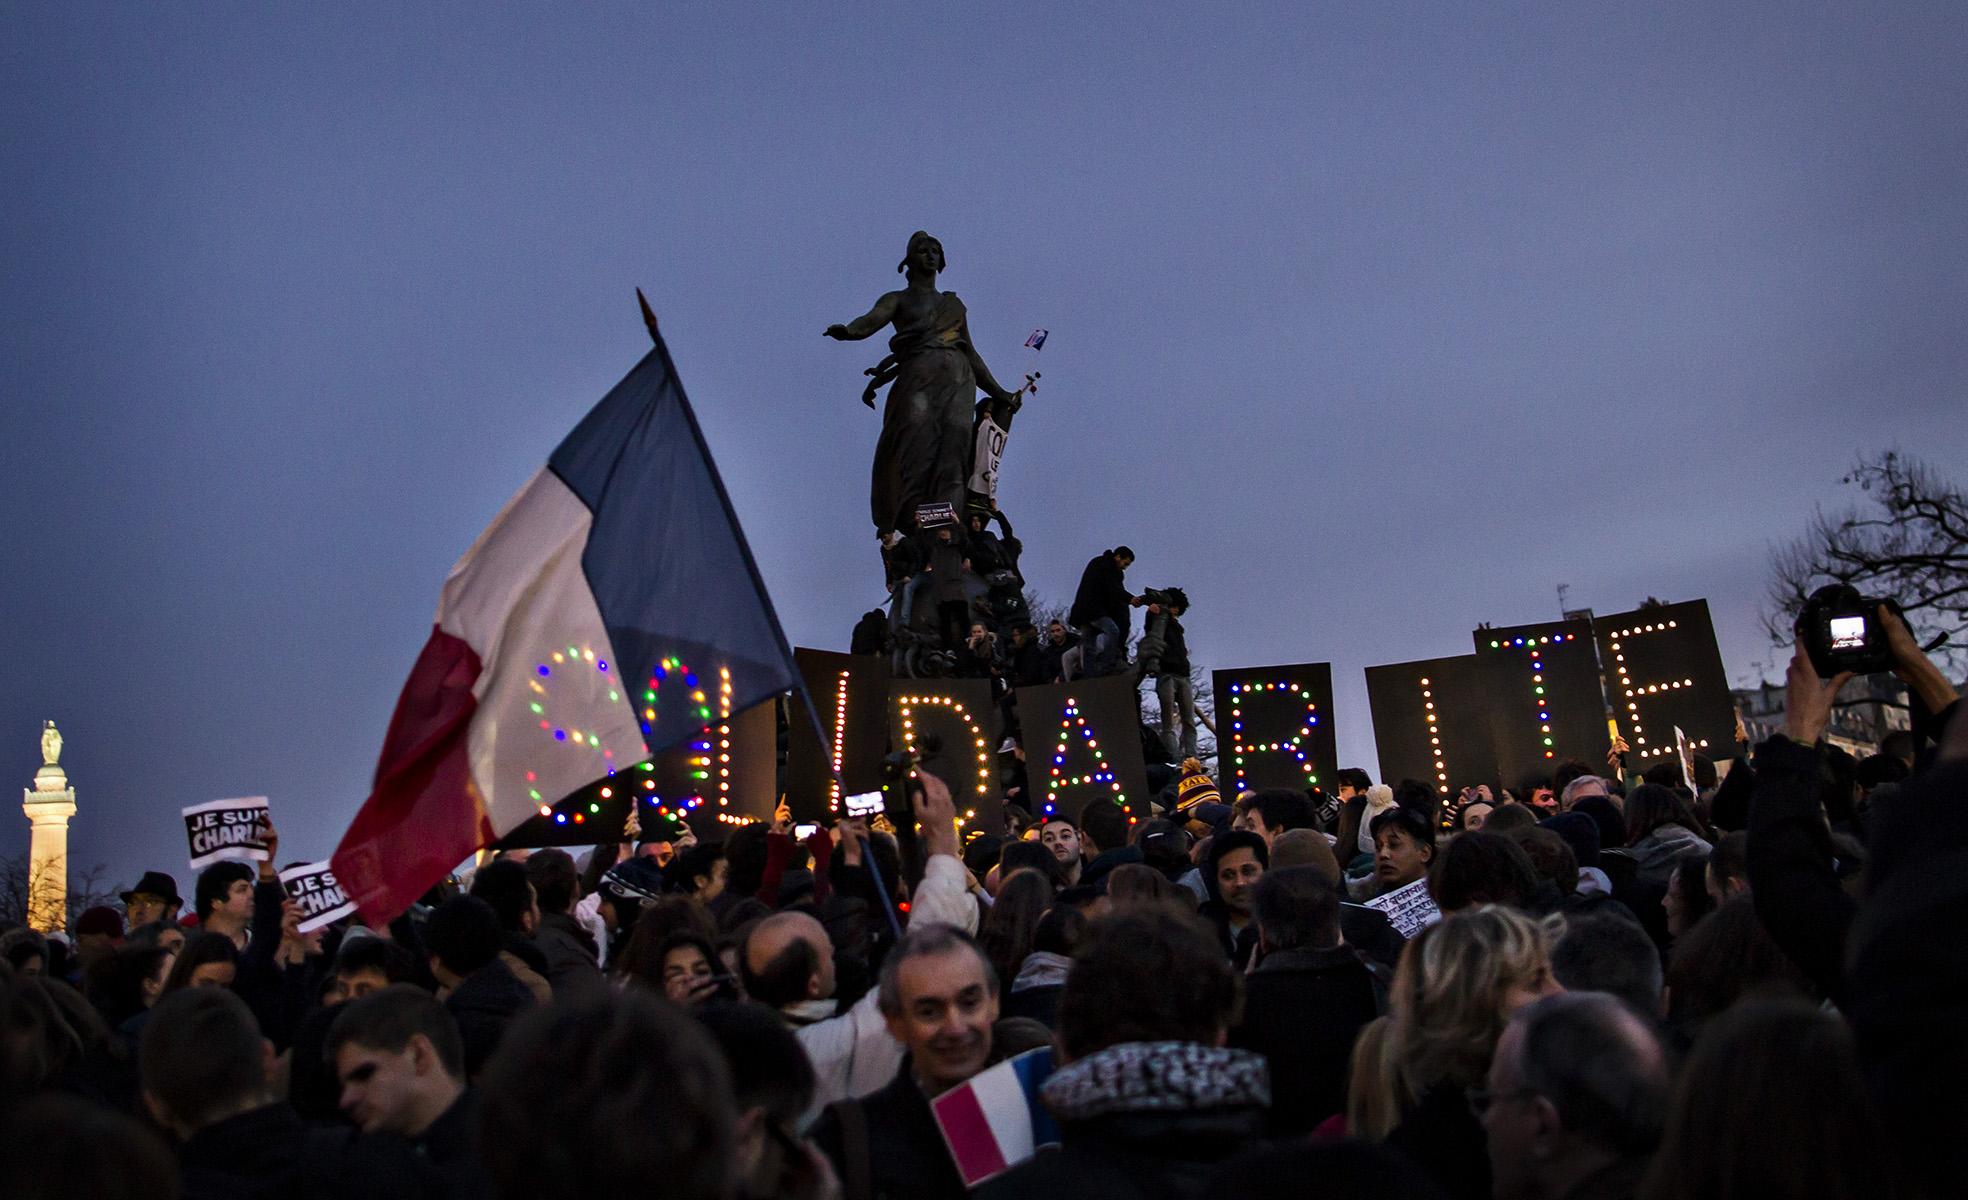 Manifestacion Antiterrorista por los atentados  de la masacre del Semanario Satírico  {quote}Charlie Hebdo{quote} en la ciudad de Paris© Alberto R. Roldan /  La Razon 11 01 2015